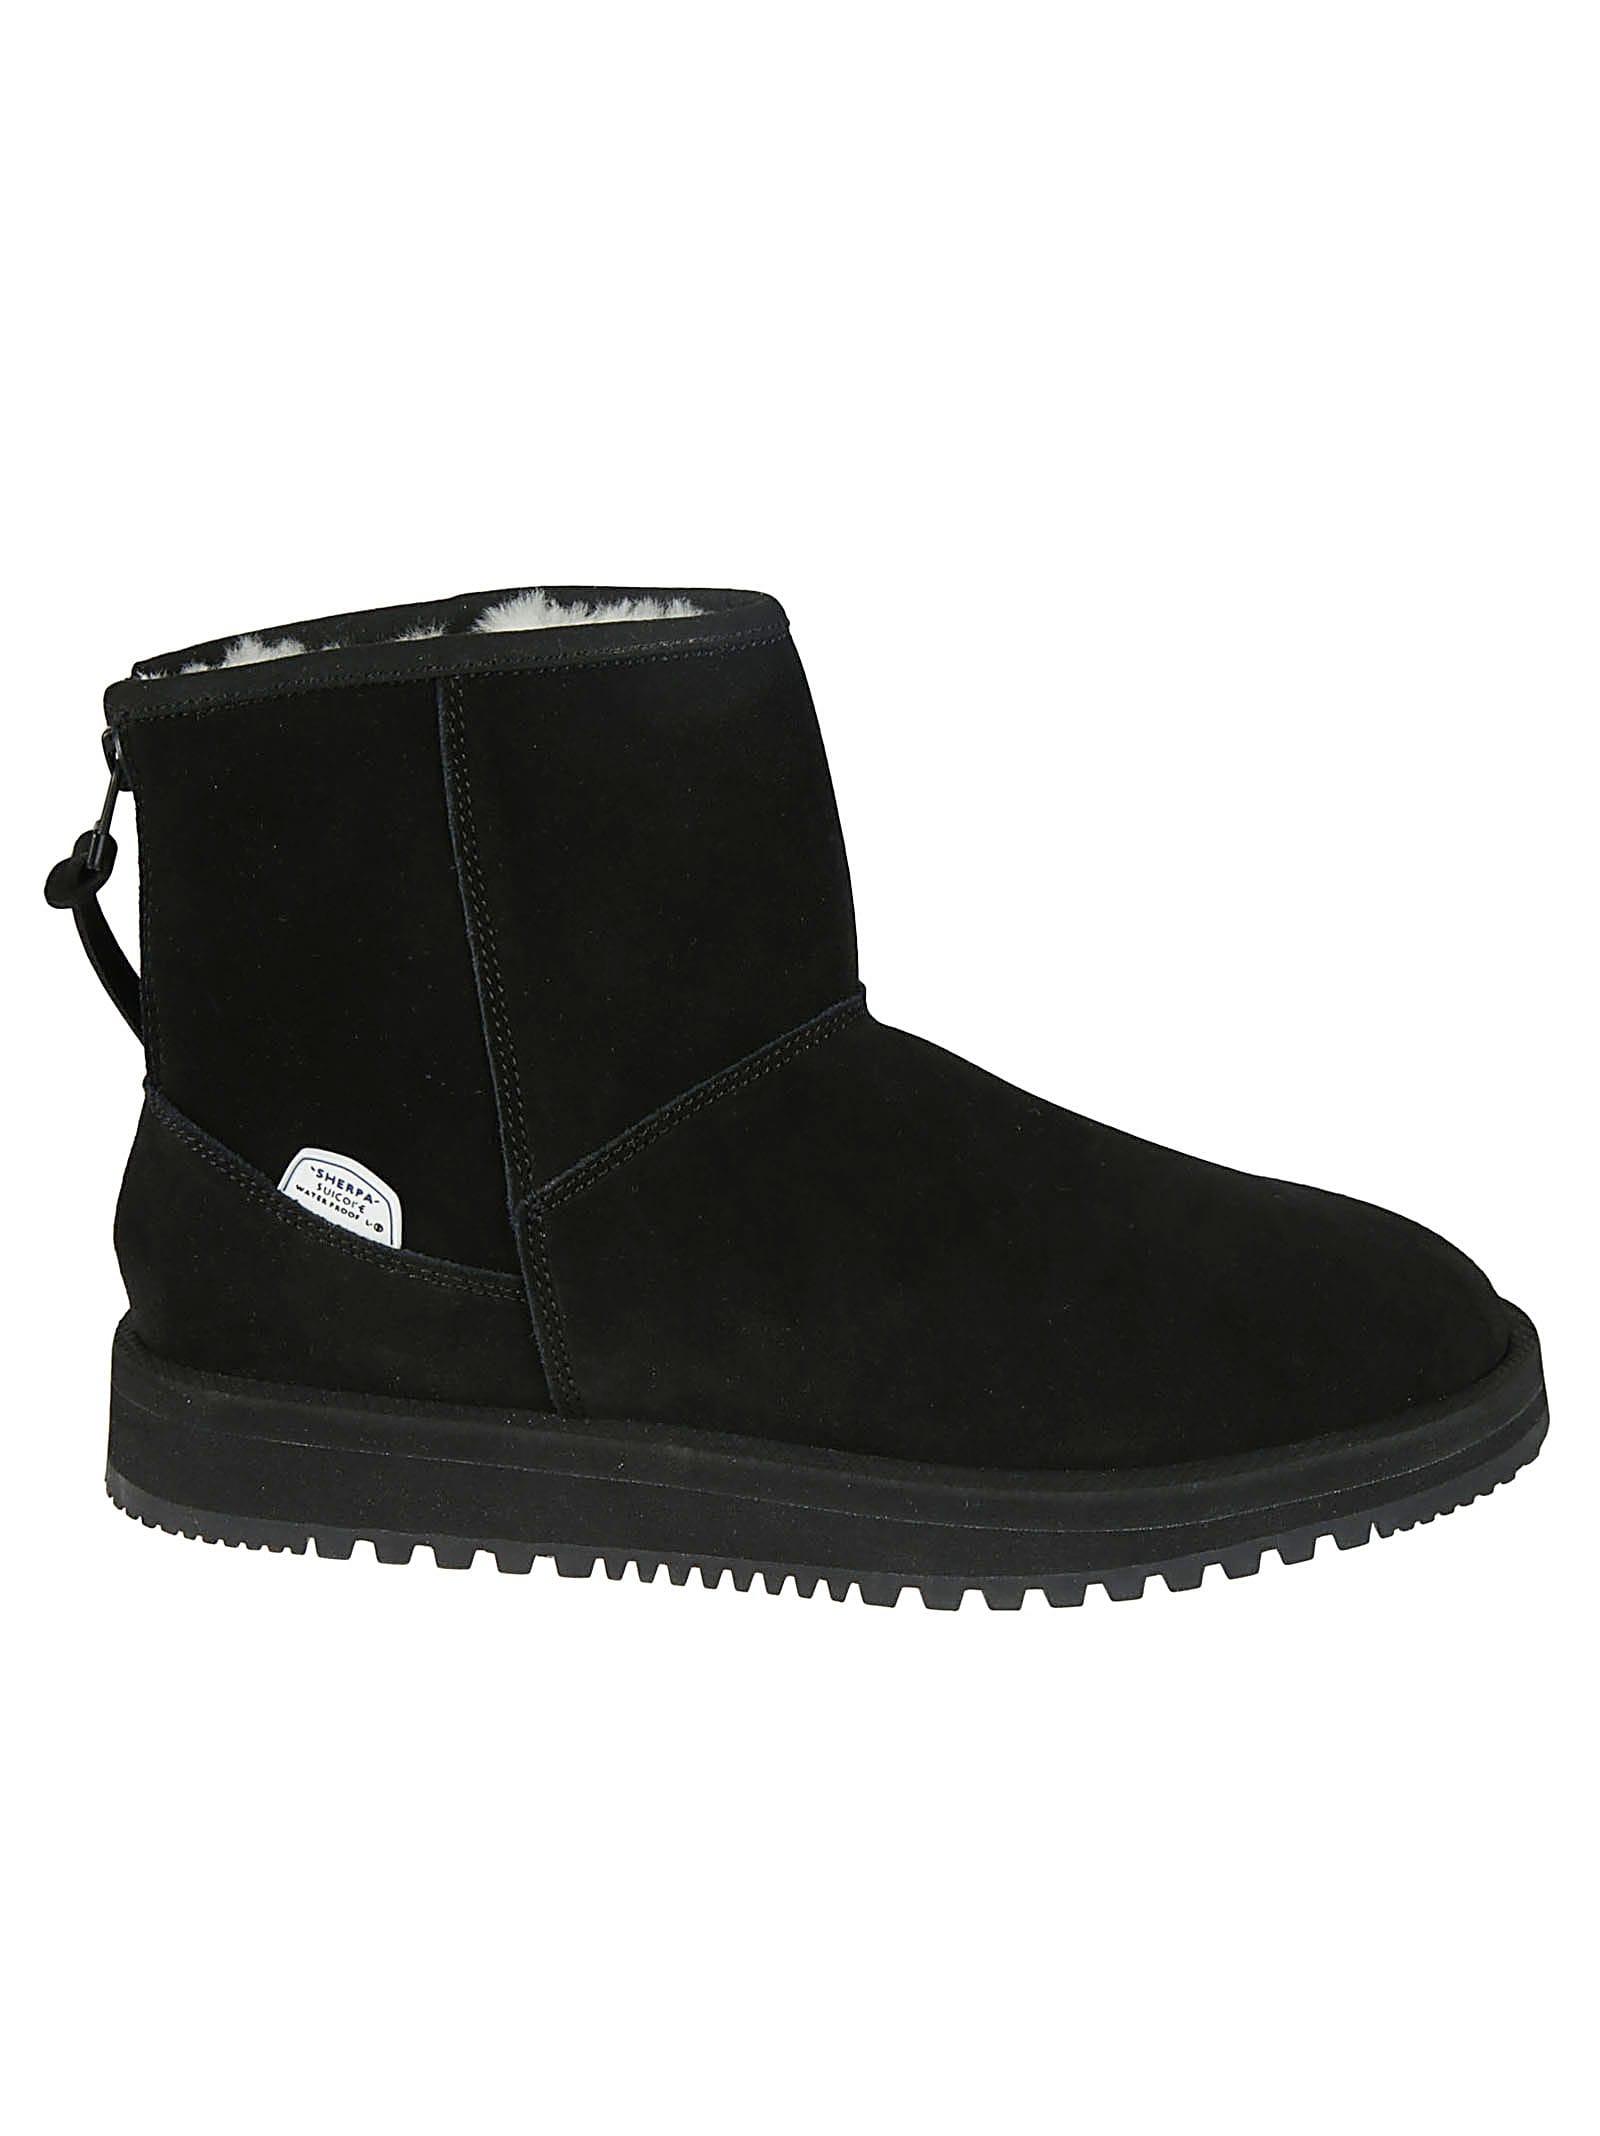 Suicoke Stitch Detail Rear Zip Flat Boots In Black